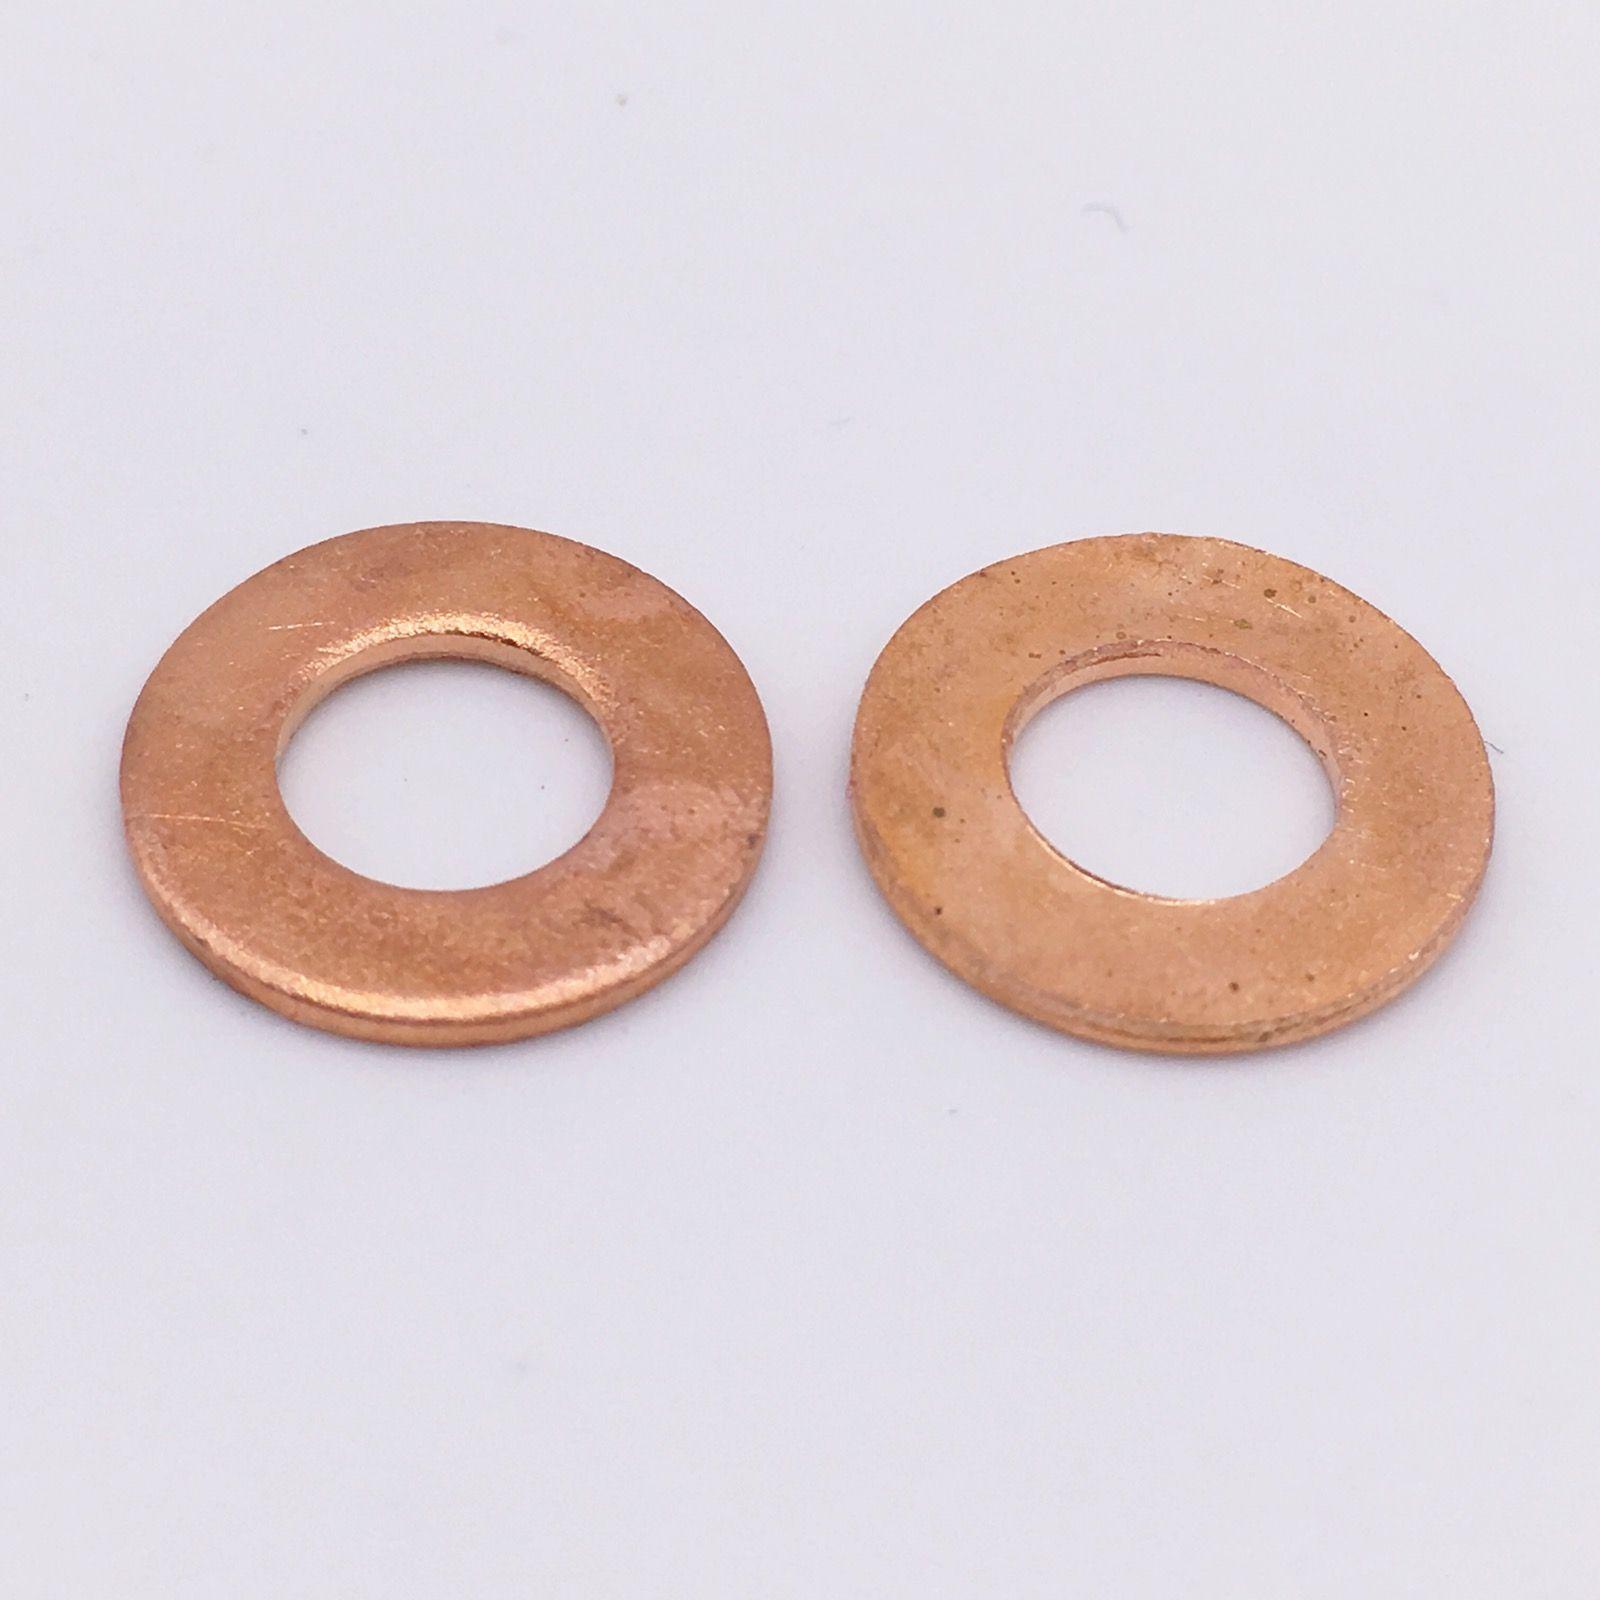 5 x 9 x 1 Red Copper arruela junta spacer 1000 peças(China (Mainland))